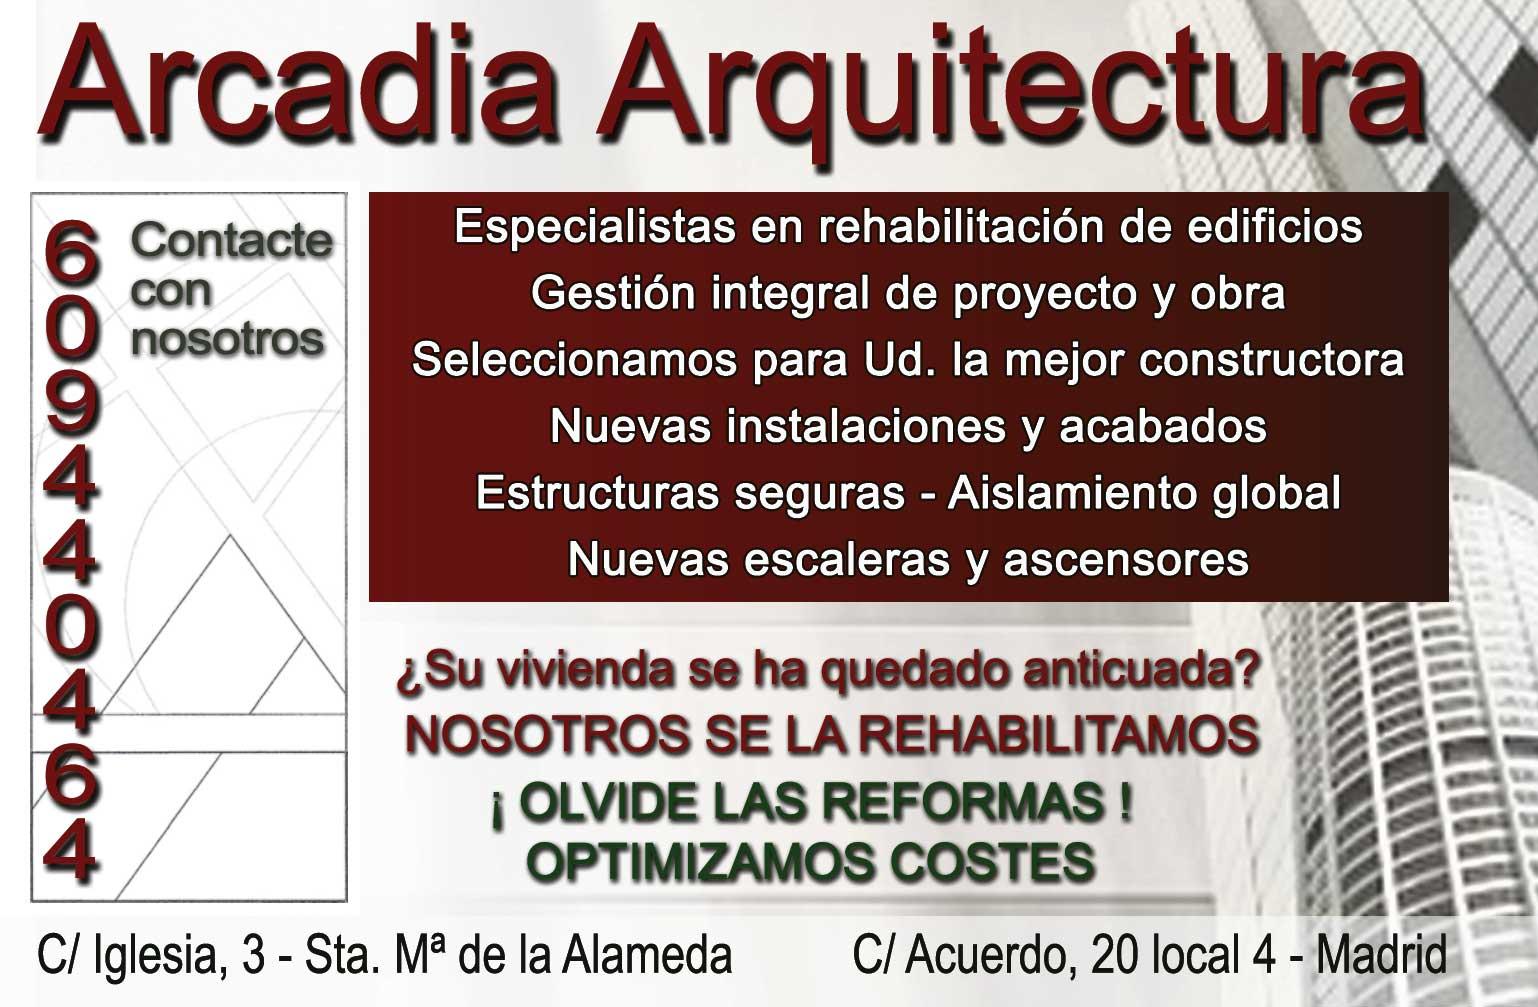 ARCADIA ARQUITECTURA